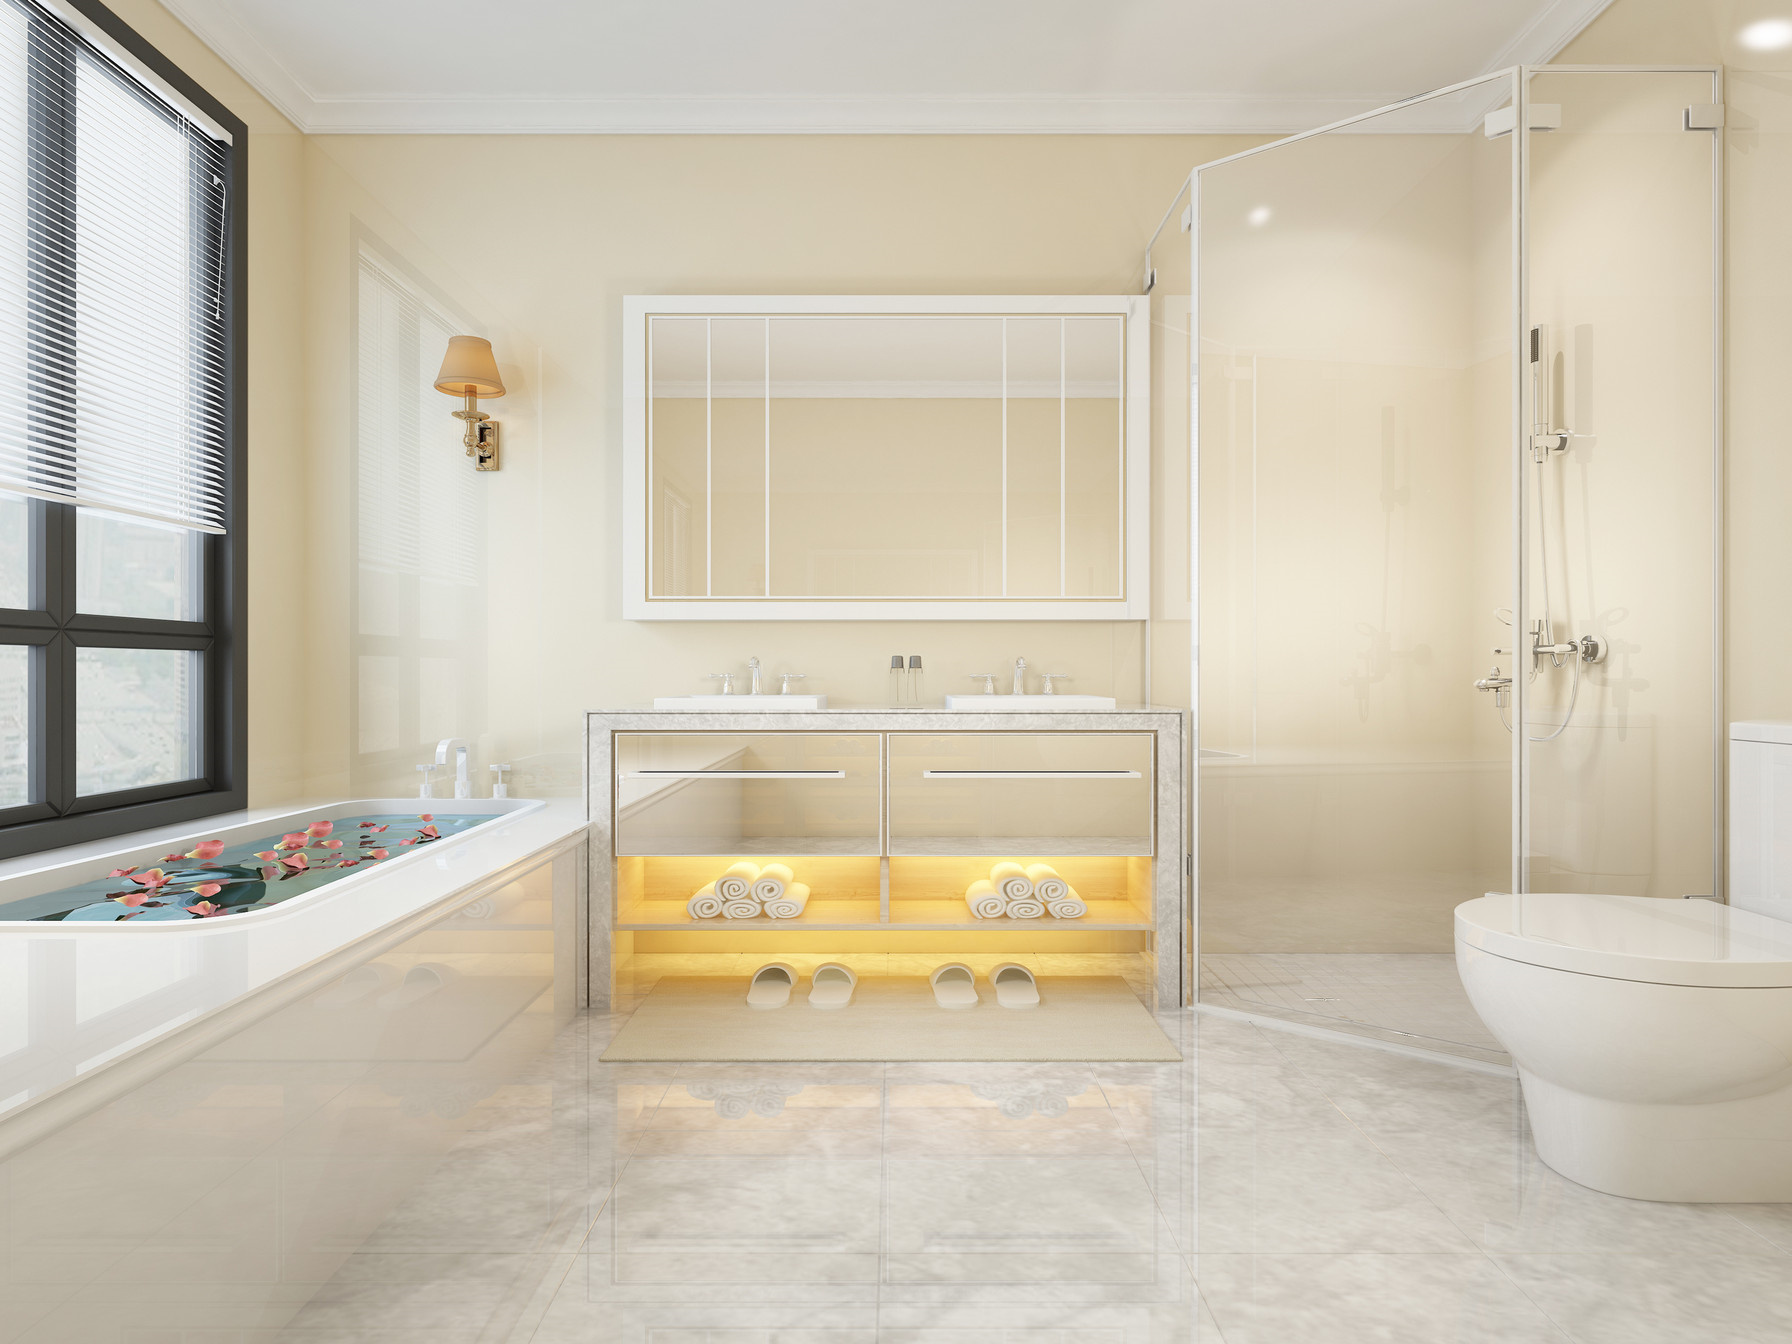 选材小知识:卫生间瓷砖都有哪些种类呢